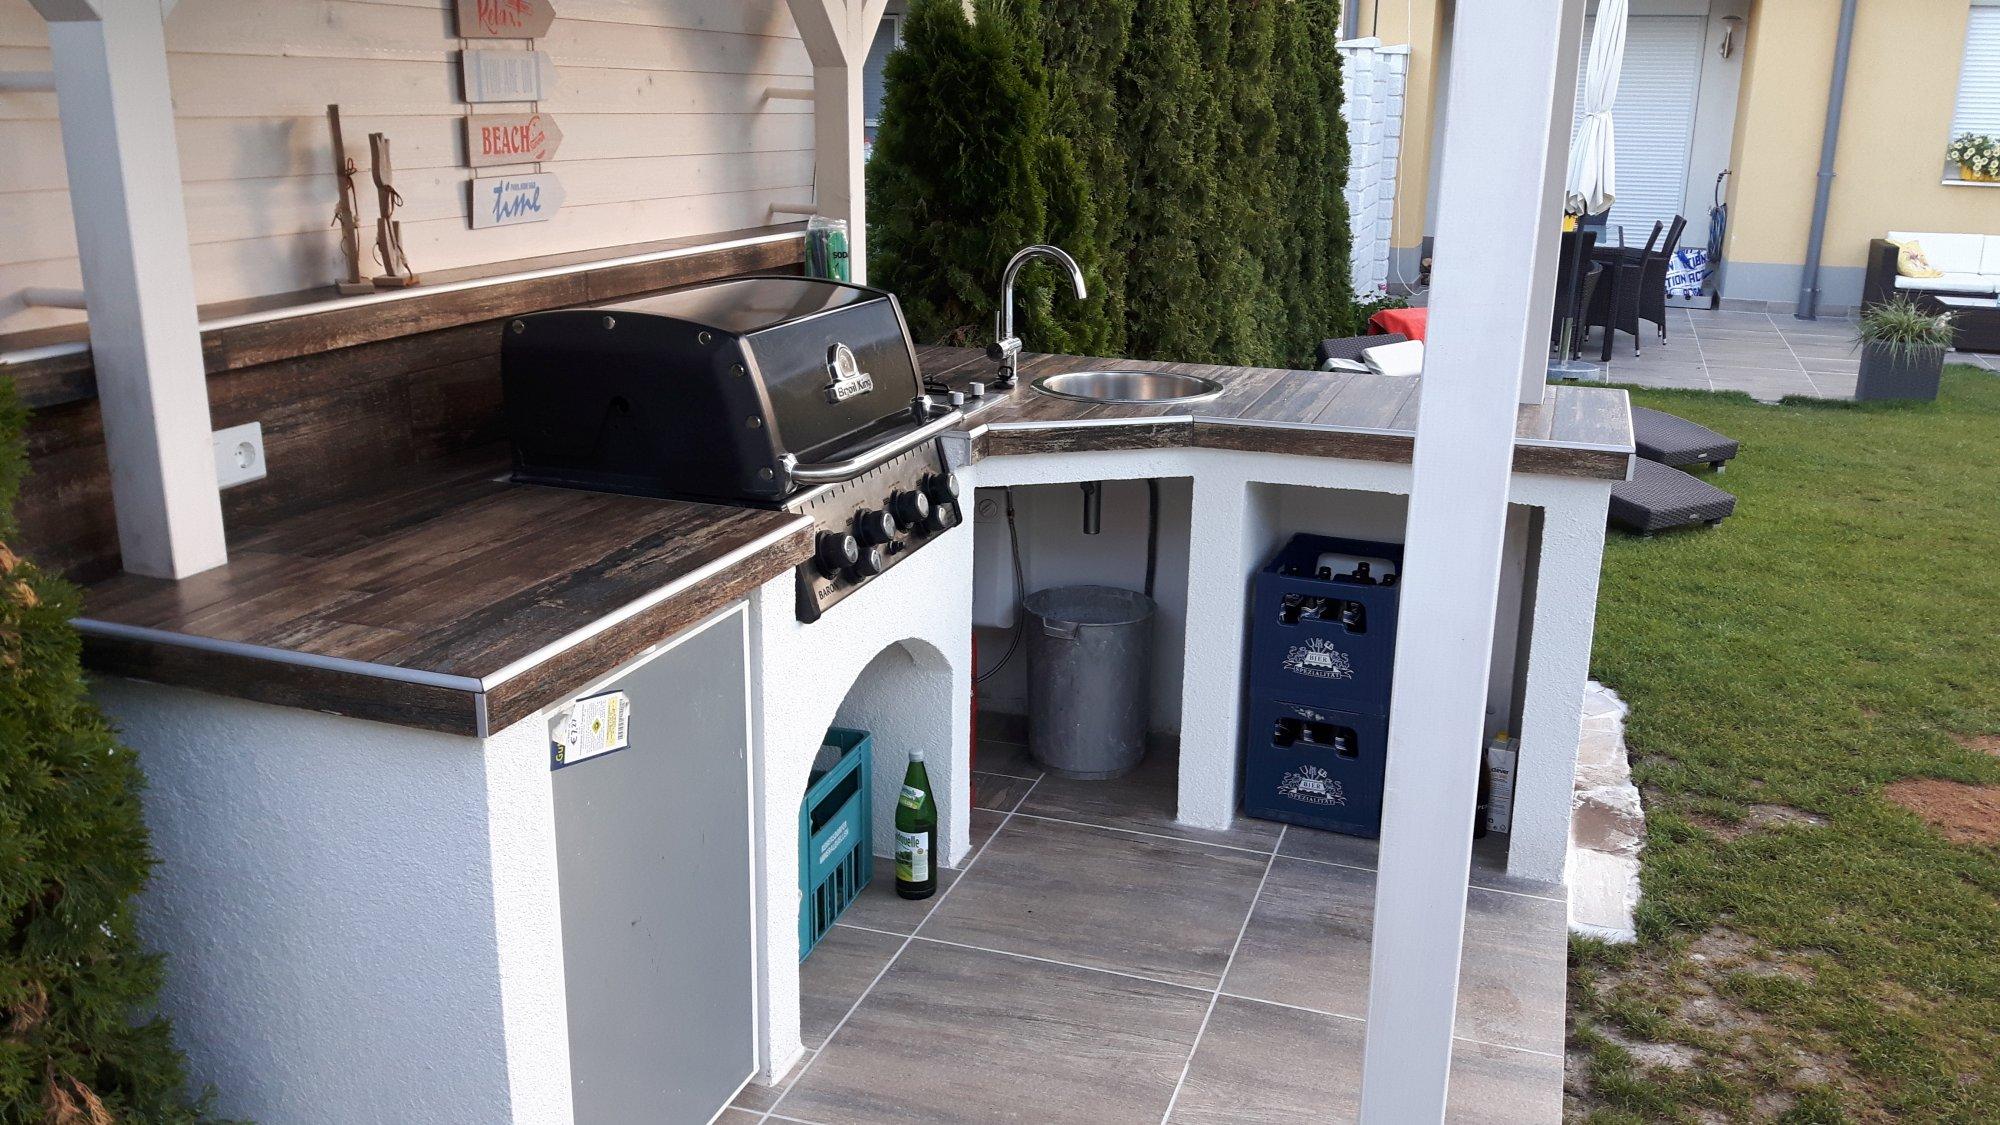 Outdoorküche Bausatz Erfahrung : Outdoorküche bausatz forum outdoorküche selbst gartengrill